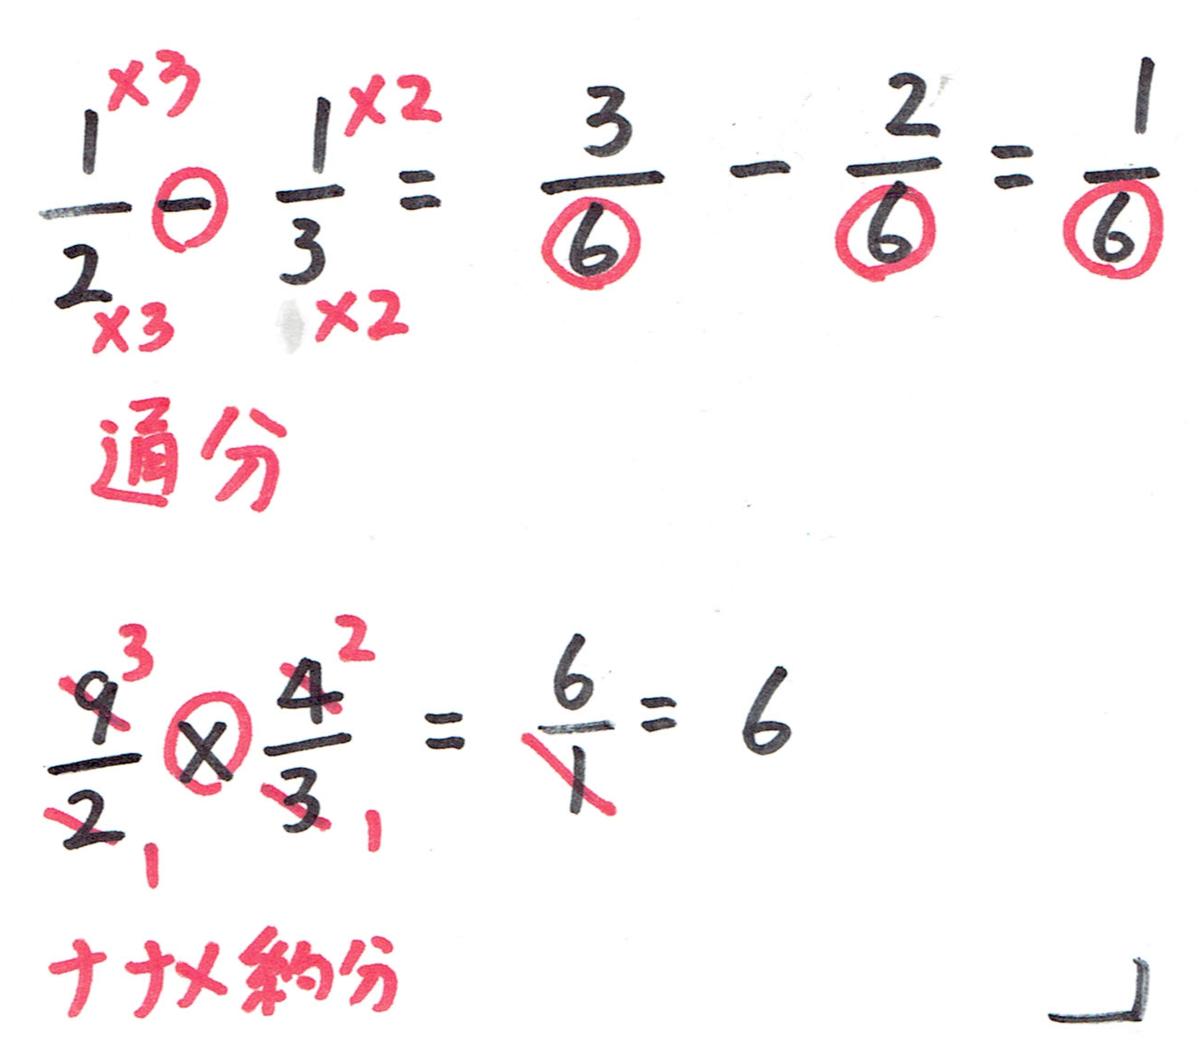 たし算、引き算は通分。かけ算はナナメ約分。